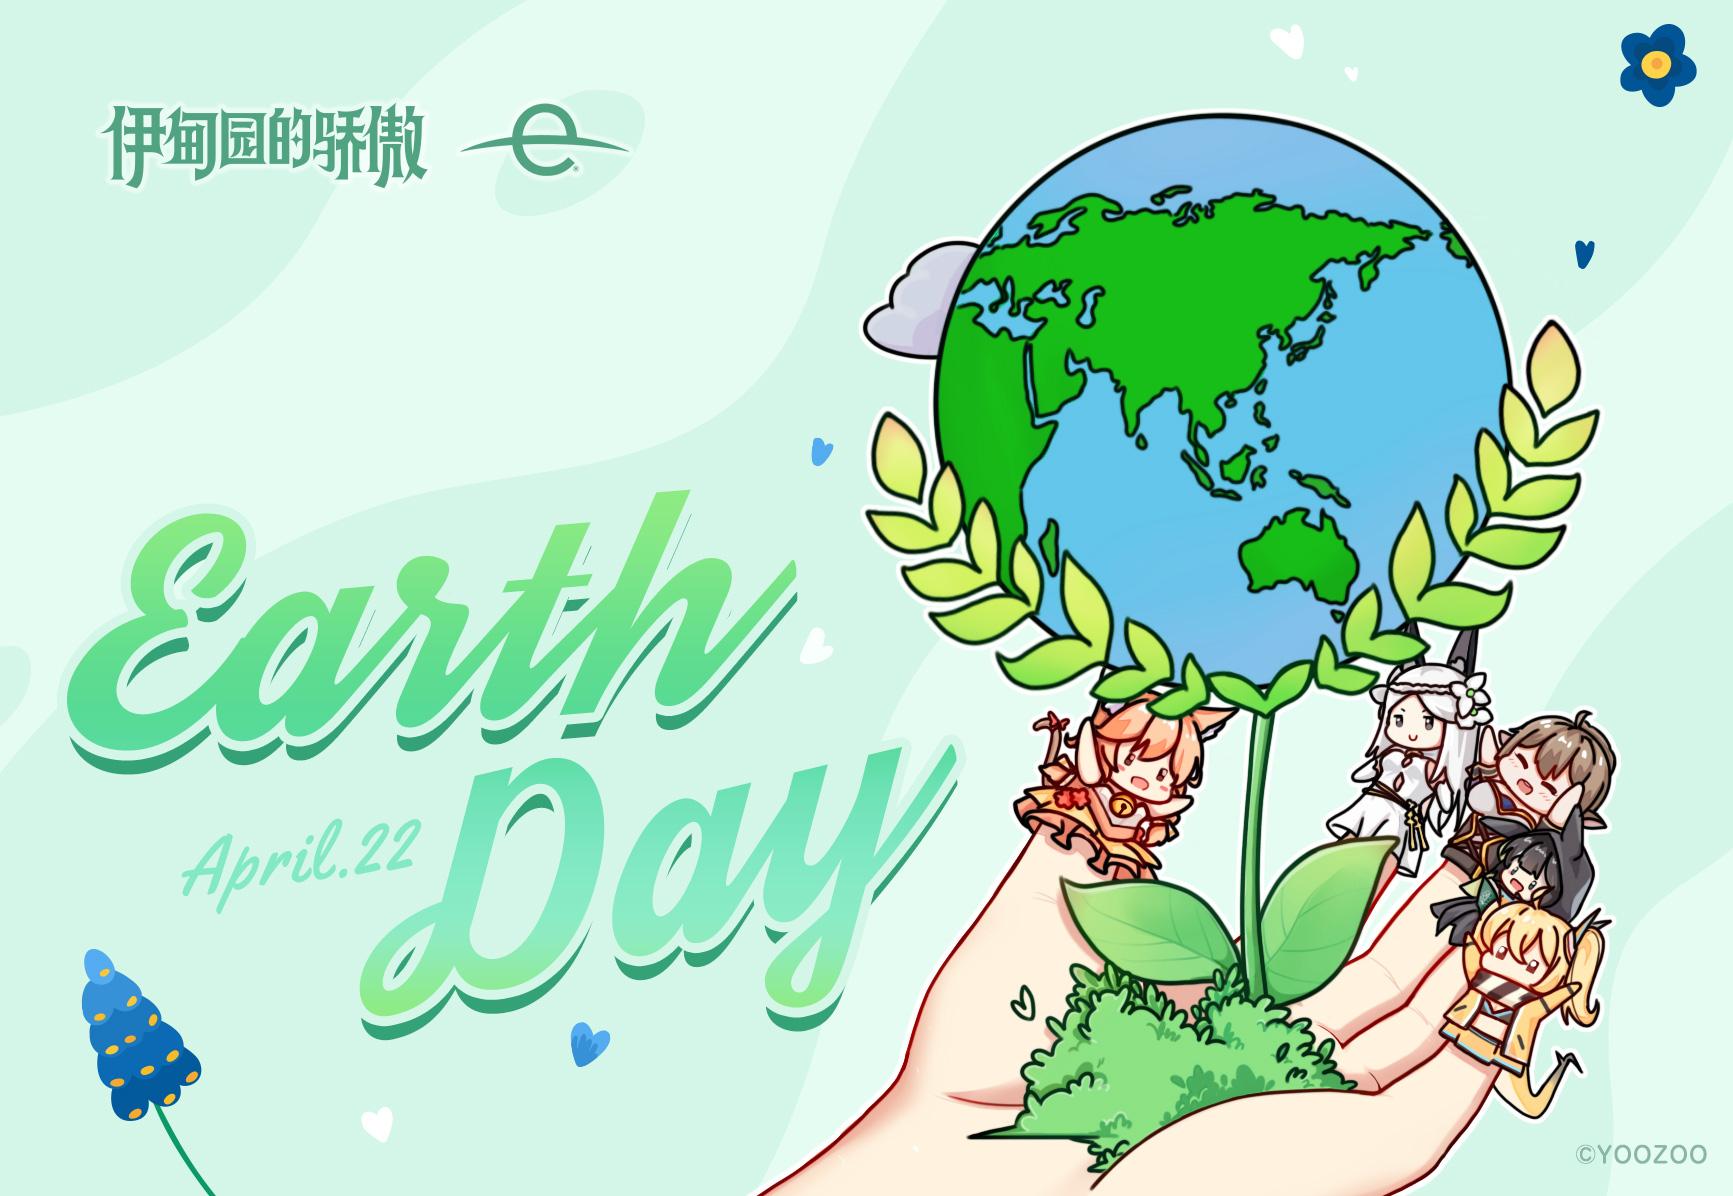 《伊甸园的骄傲》世界地球日